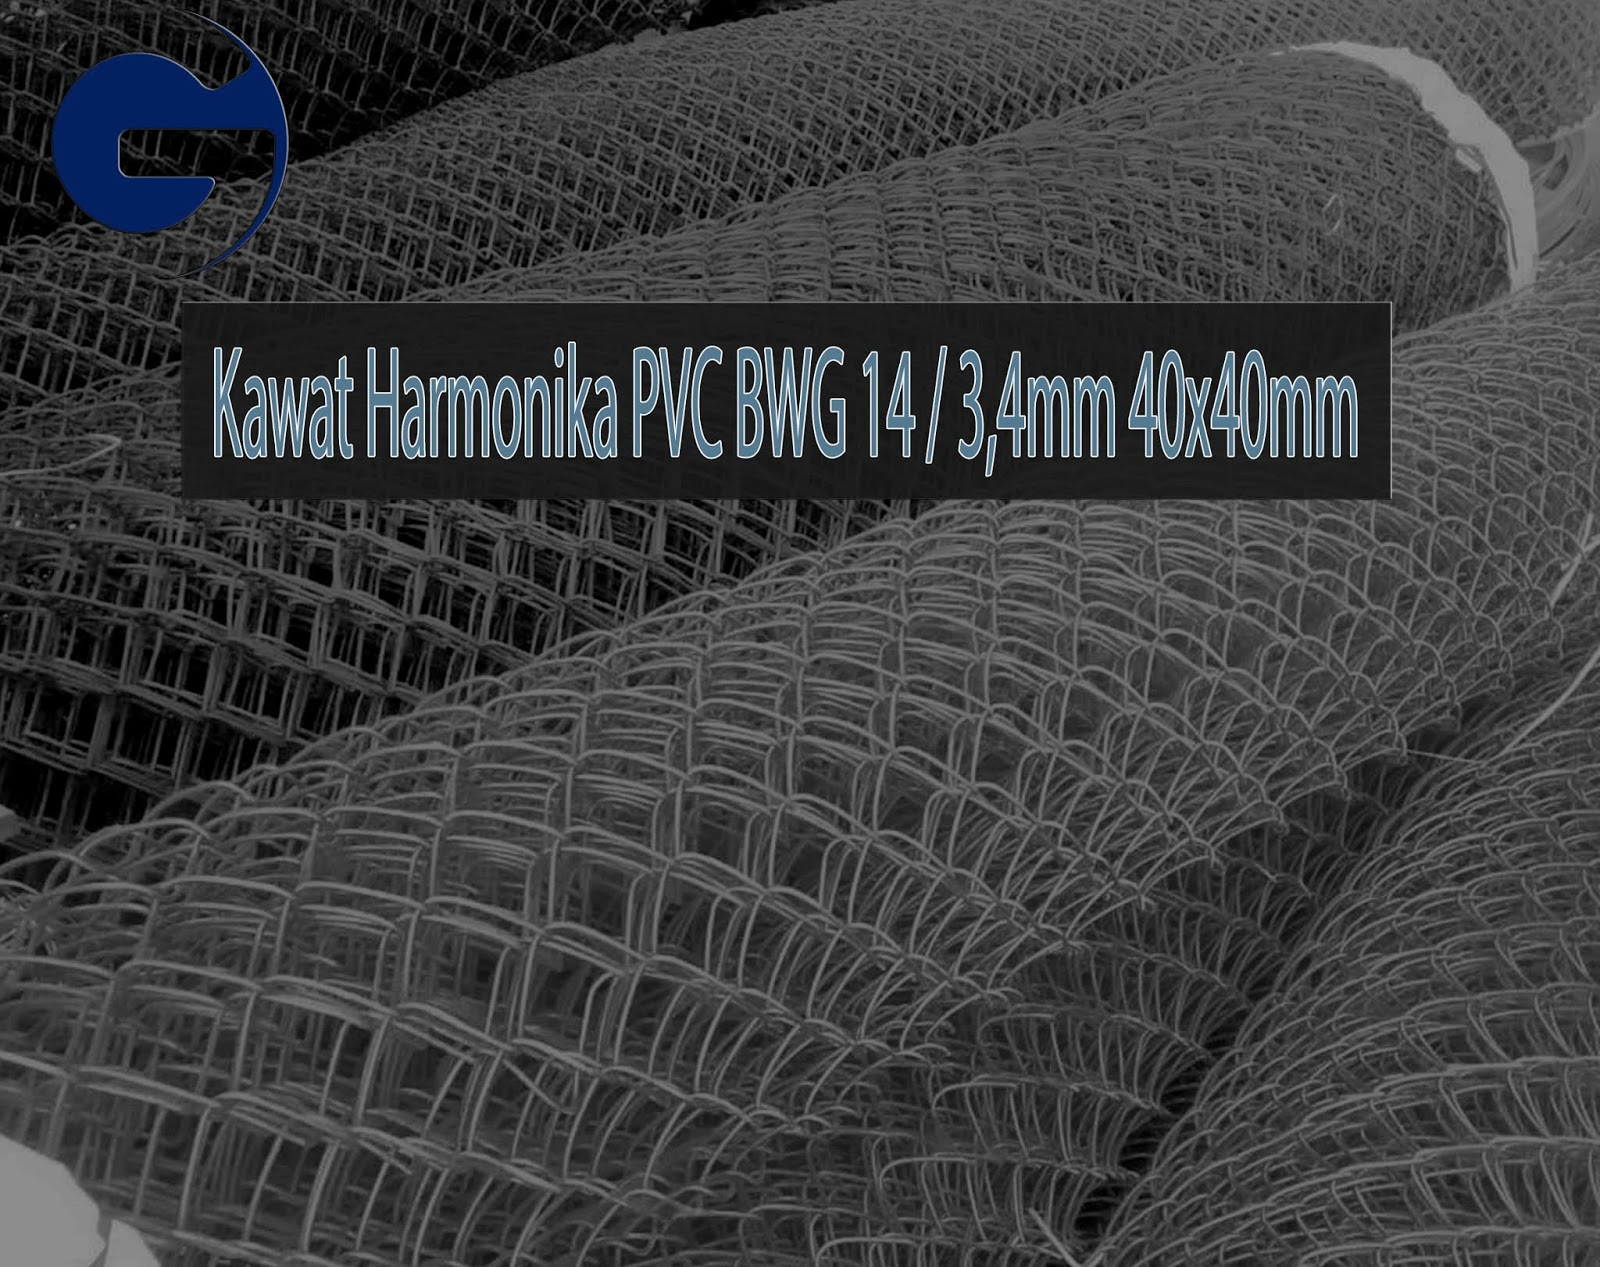 Jual Kawat Harmonika PVC SNI BWG 14/3,4mm 40x40mm